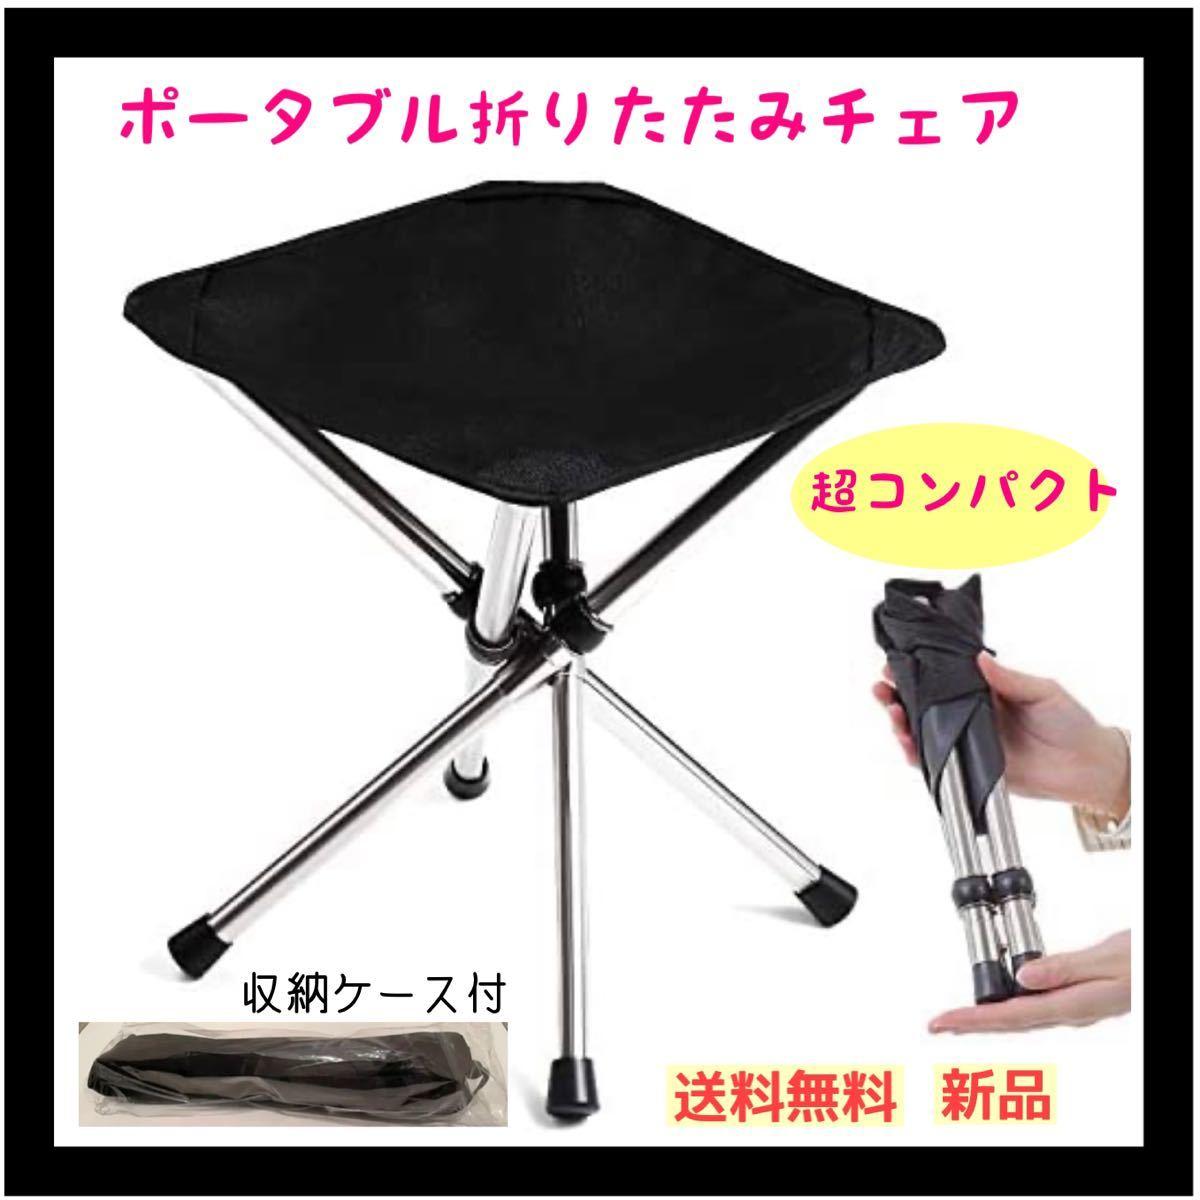 超軽量 アウトドアチェア 折りたたみ椅子 収納バッグ キャンプ用品  耐荷重80-100kg